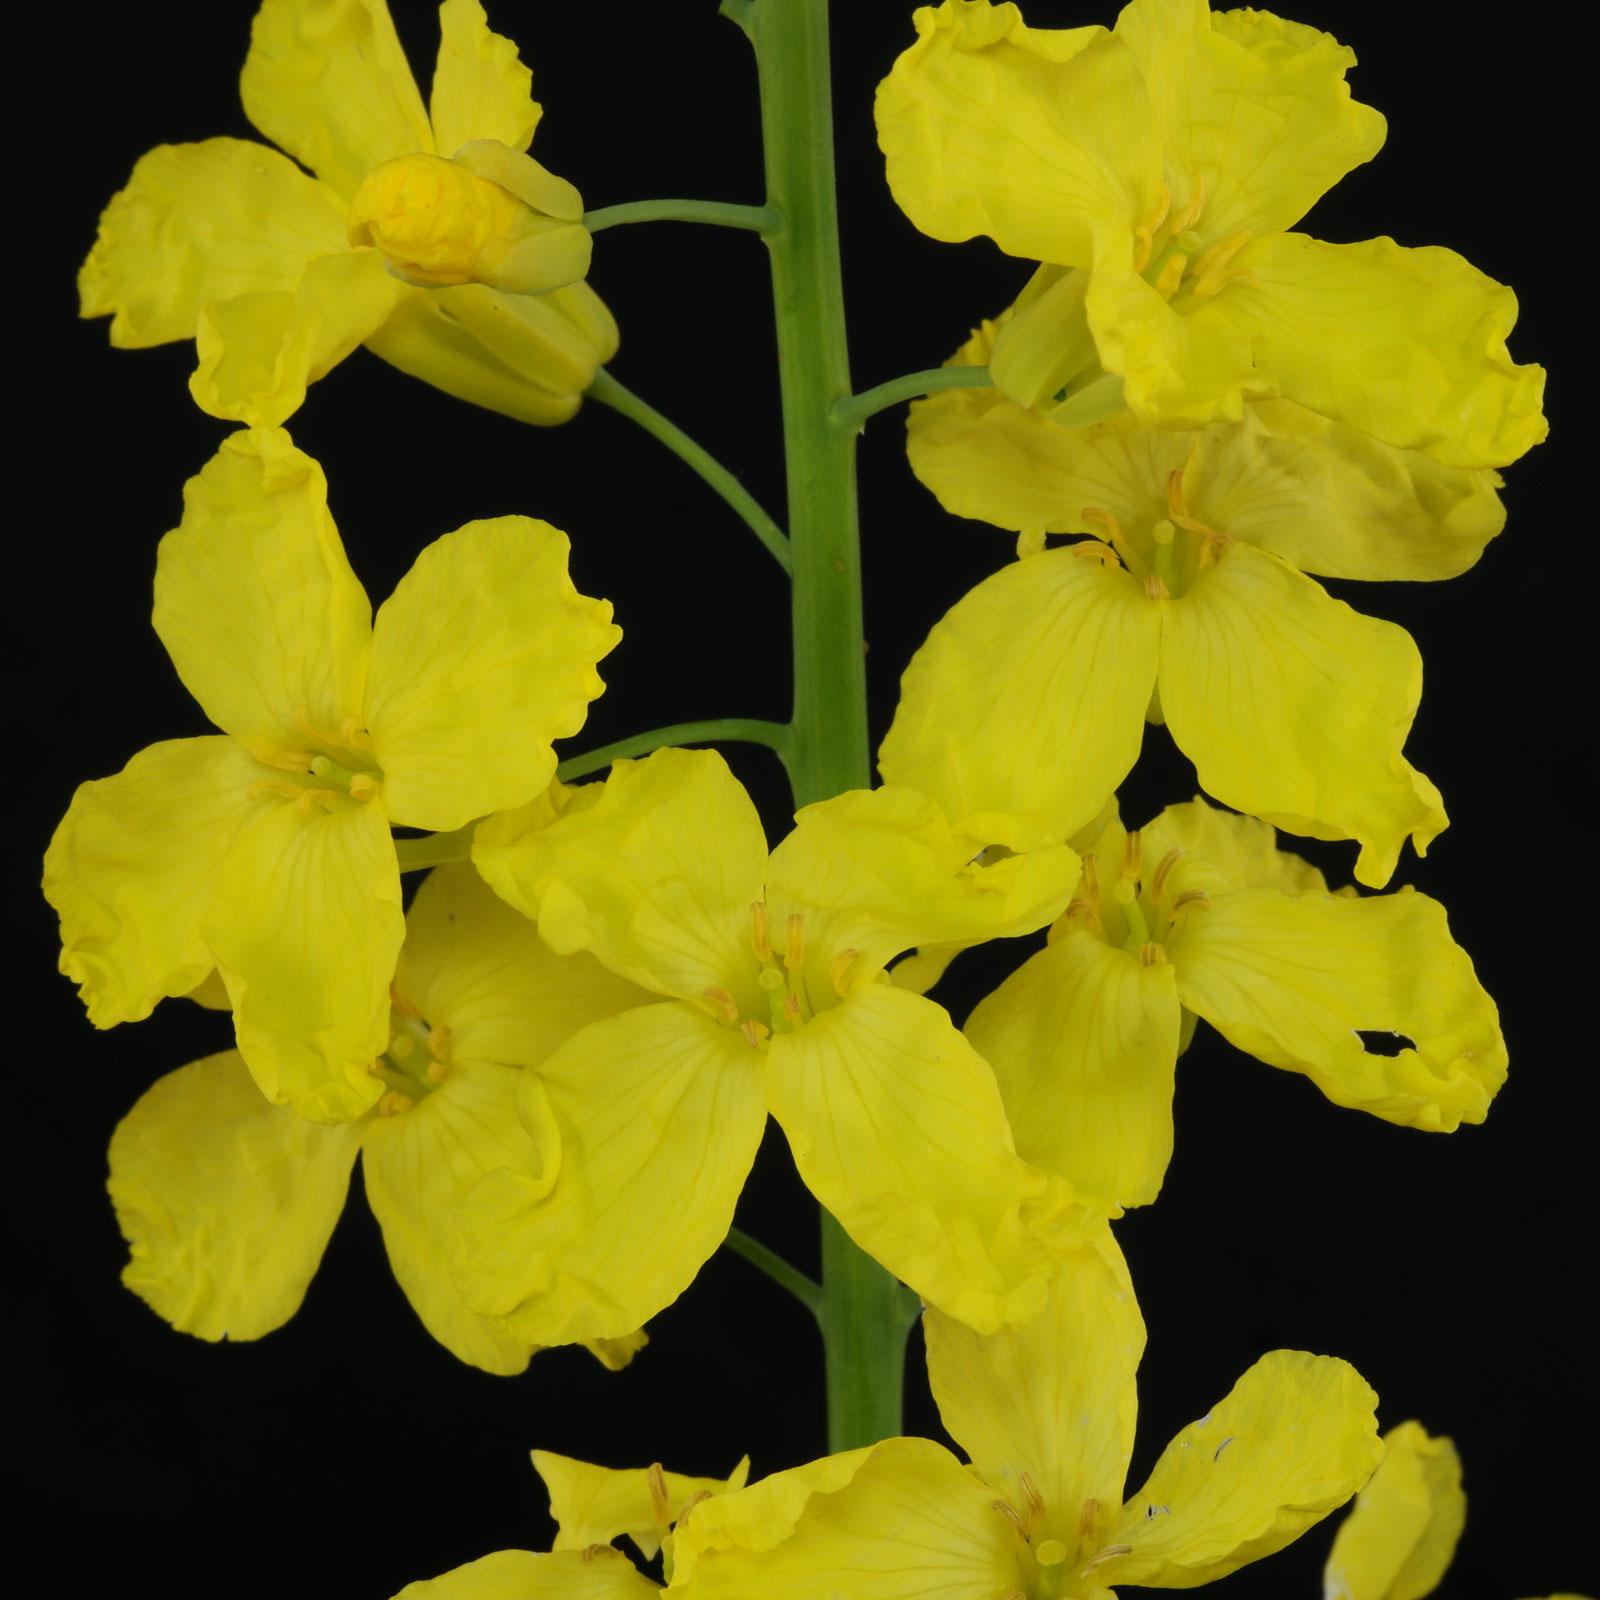 Brassica oleracea var sabellica